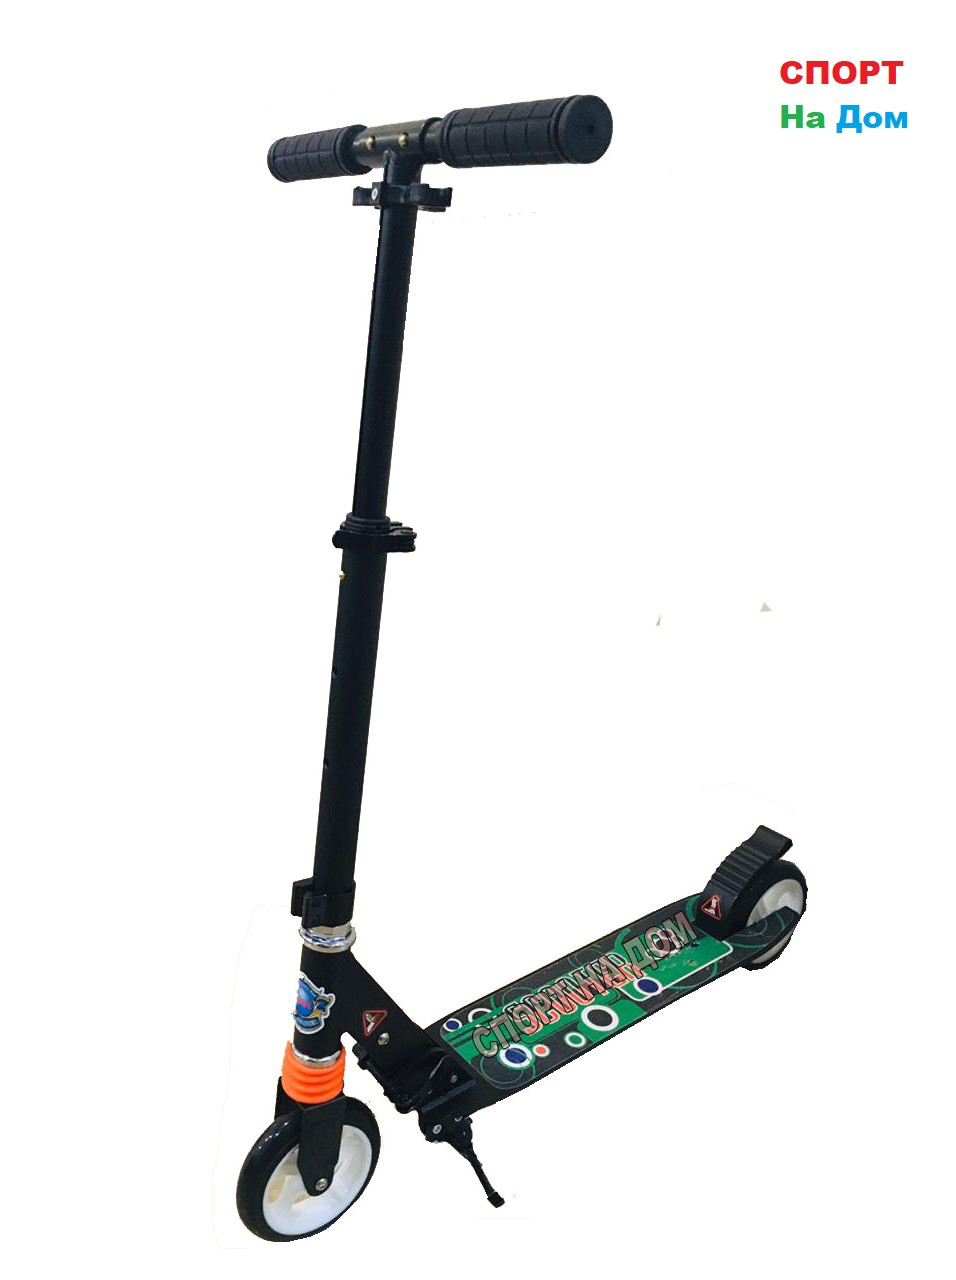 Самокат Kick Scooter-02 (цвет черный)